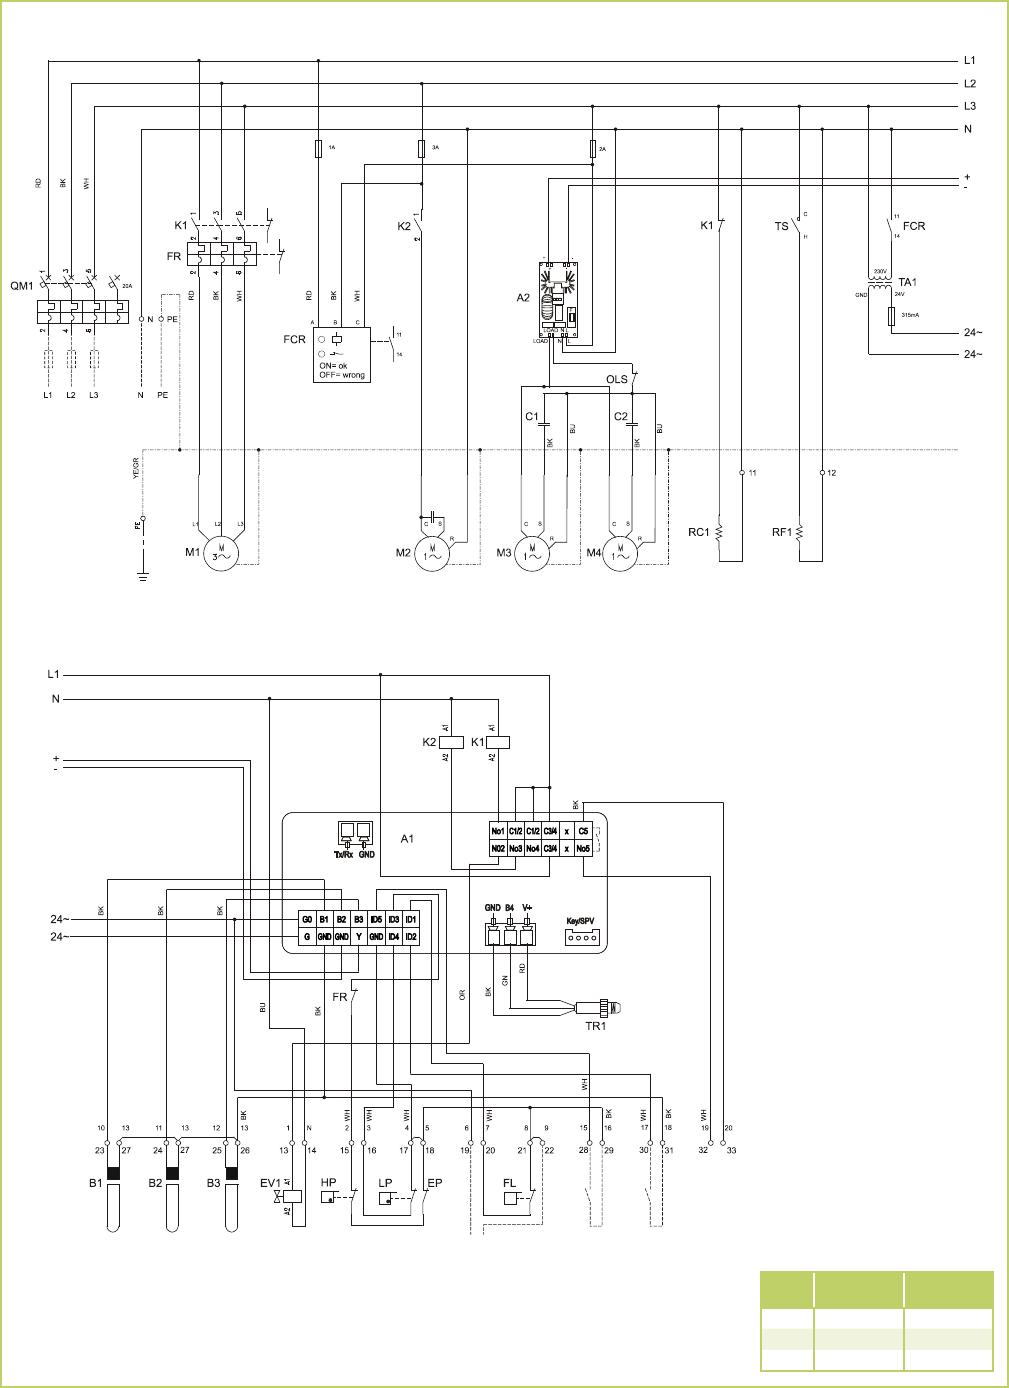 Bedienungsanleitung REMKO RVS150H (Seite 2 von 4) (Deutsch)